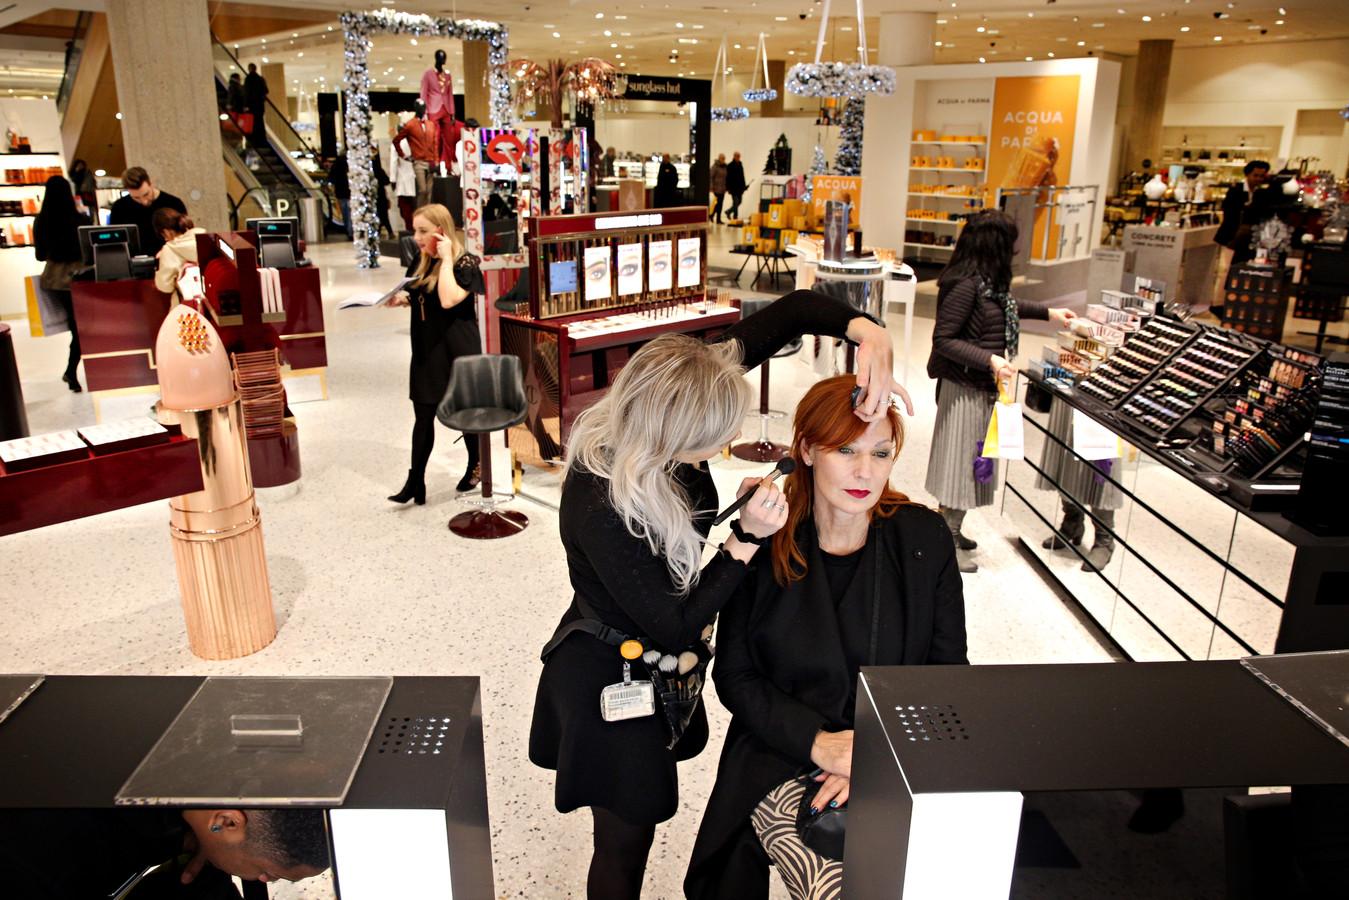 1e249a8dec1 De Bijenkorf heeft een vernieuwde en hiermee de grootste cosmetica afdeling  van ons land.